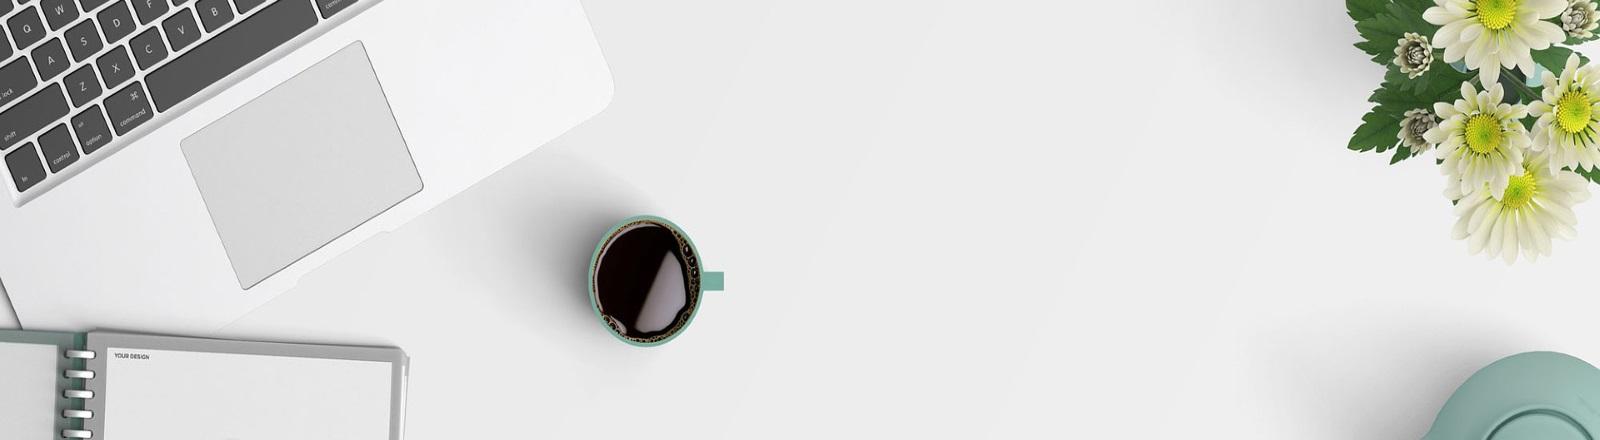 Bureau épuré, illustration du minimalisme